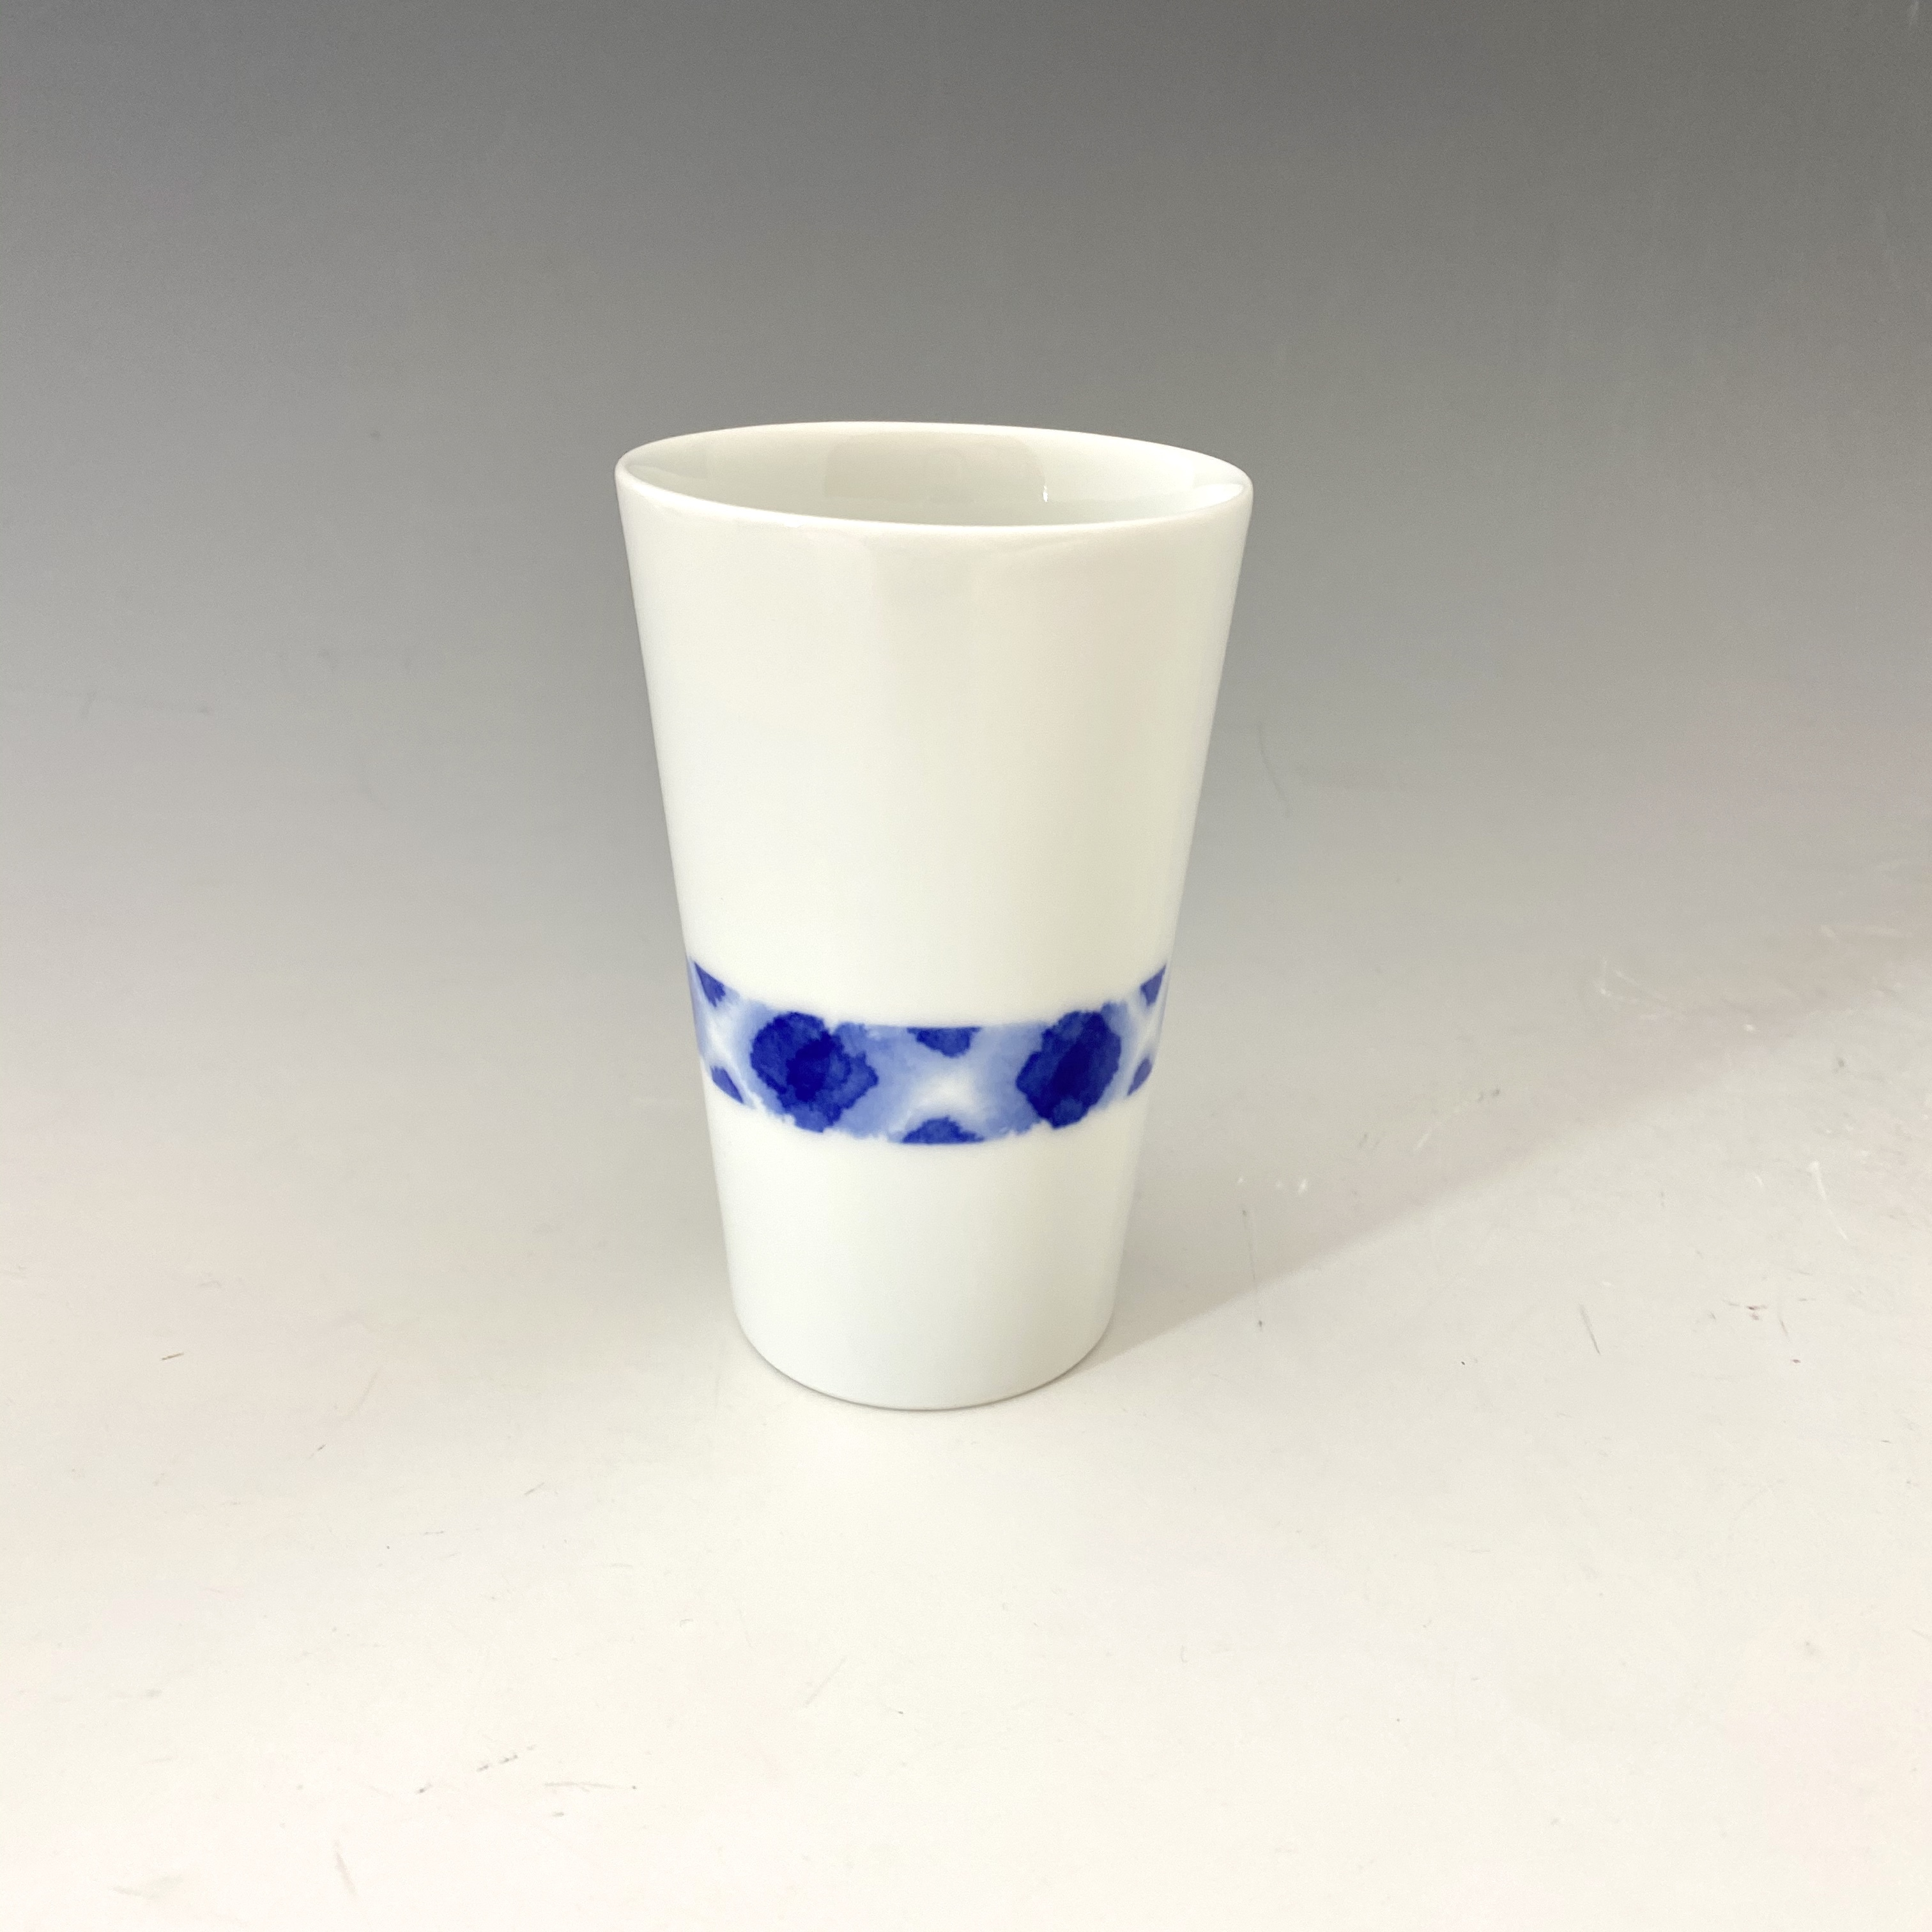 【中尾英純】和紙染ぼかし文フリーカップ